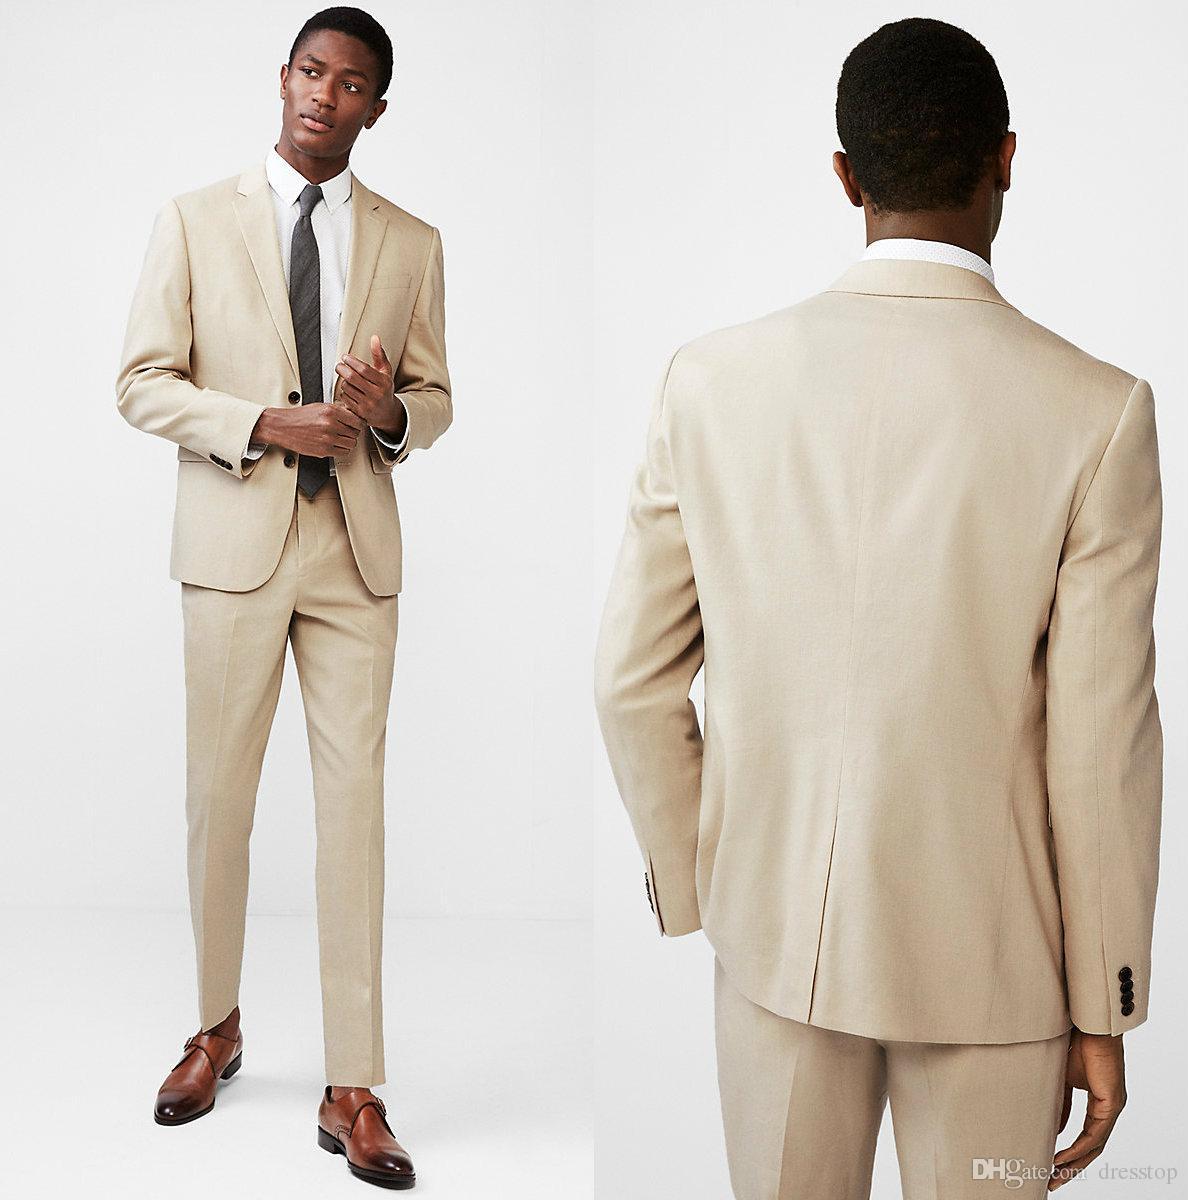 Compre 2018 Khaki Coat Pant Designs Beige Hombres Traje Prom Tuxedo Slim  Fit 2 Piezas Novio Trajes De Boda Para Hombres Custom Blazer Terno  Masuclino A ... 01a1b57e26c